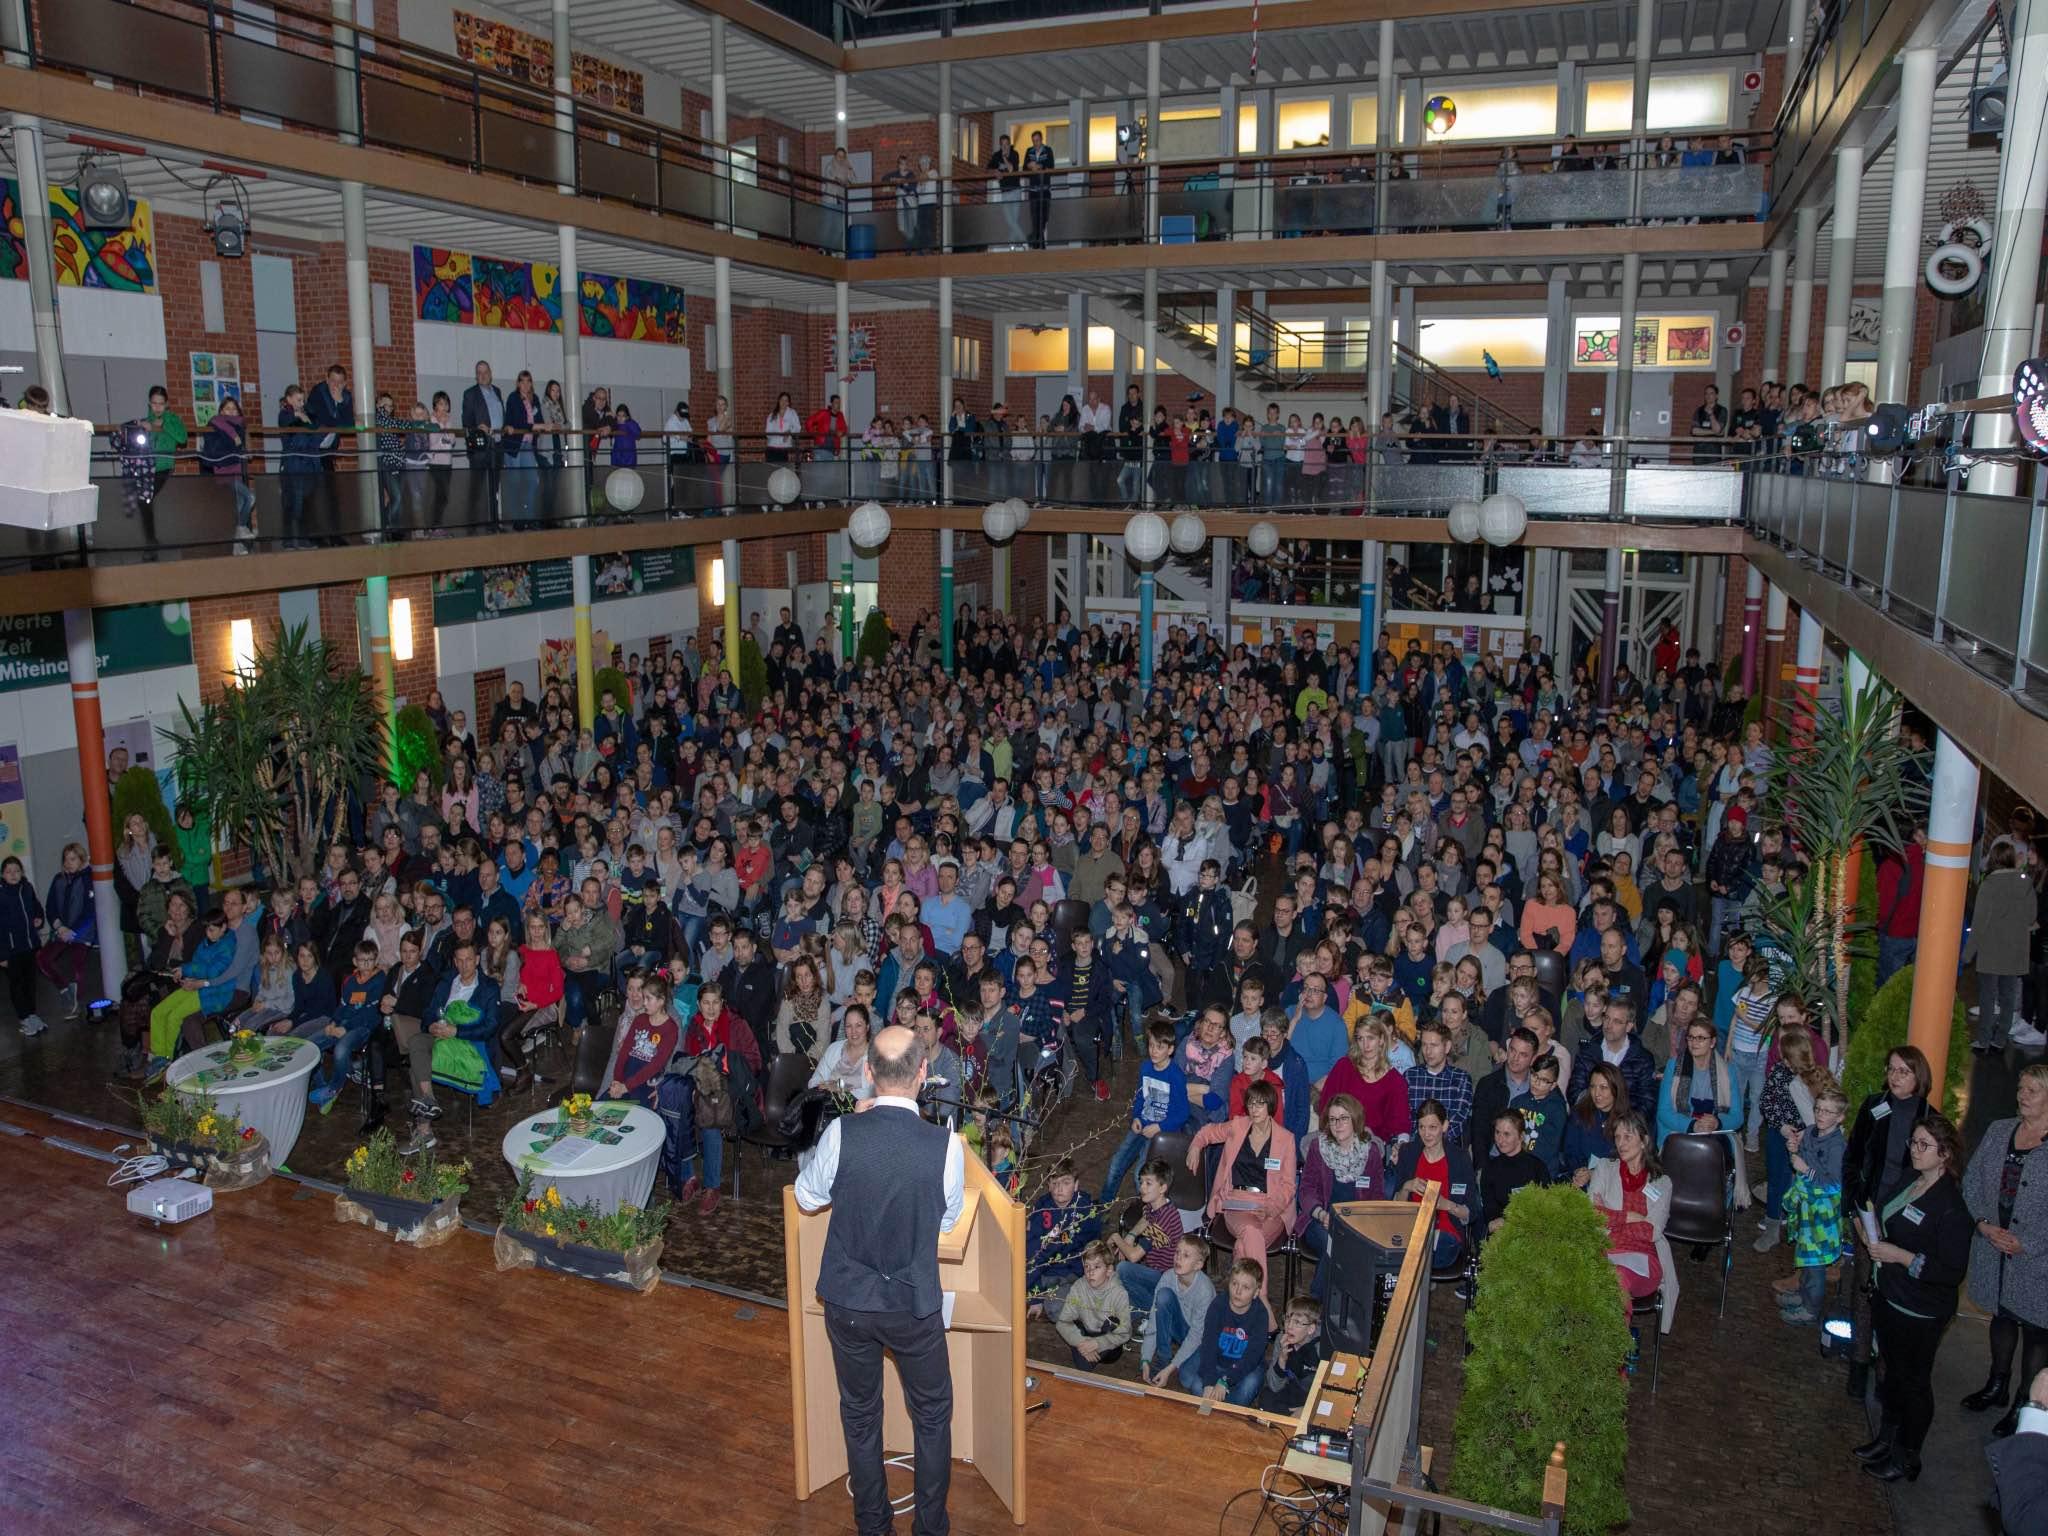 Mehr Informationen zur Schule und Anmeldung gibt es beim Infoabend am 3. März. Foto: Thomas Düchtel